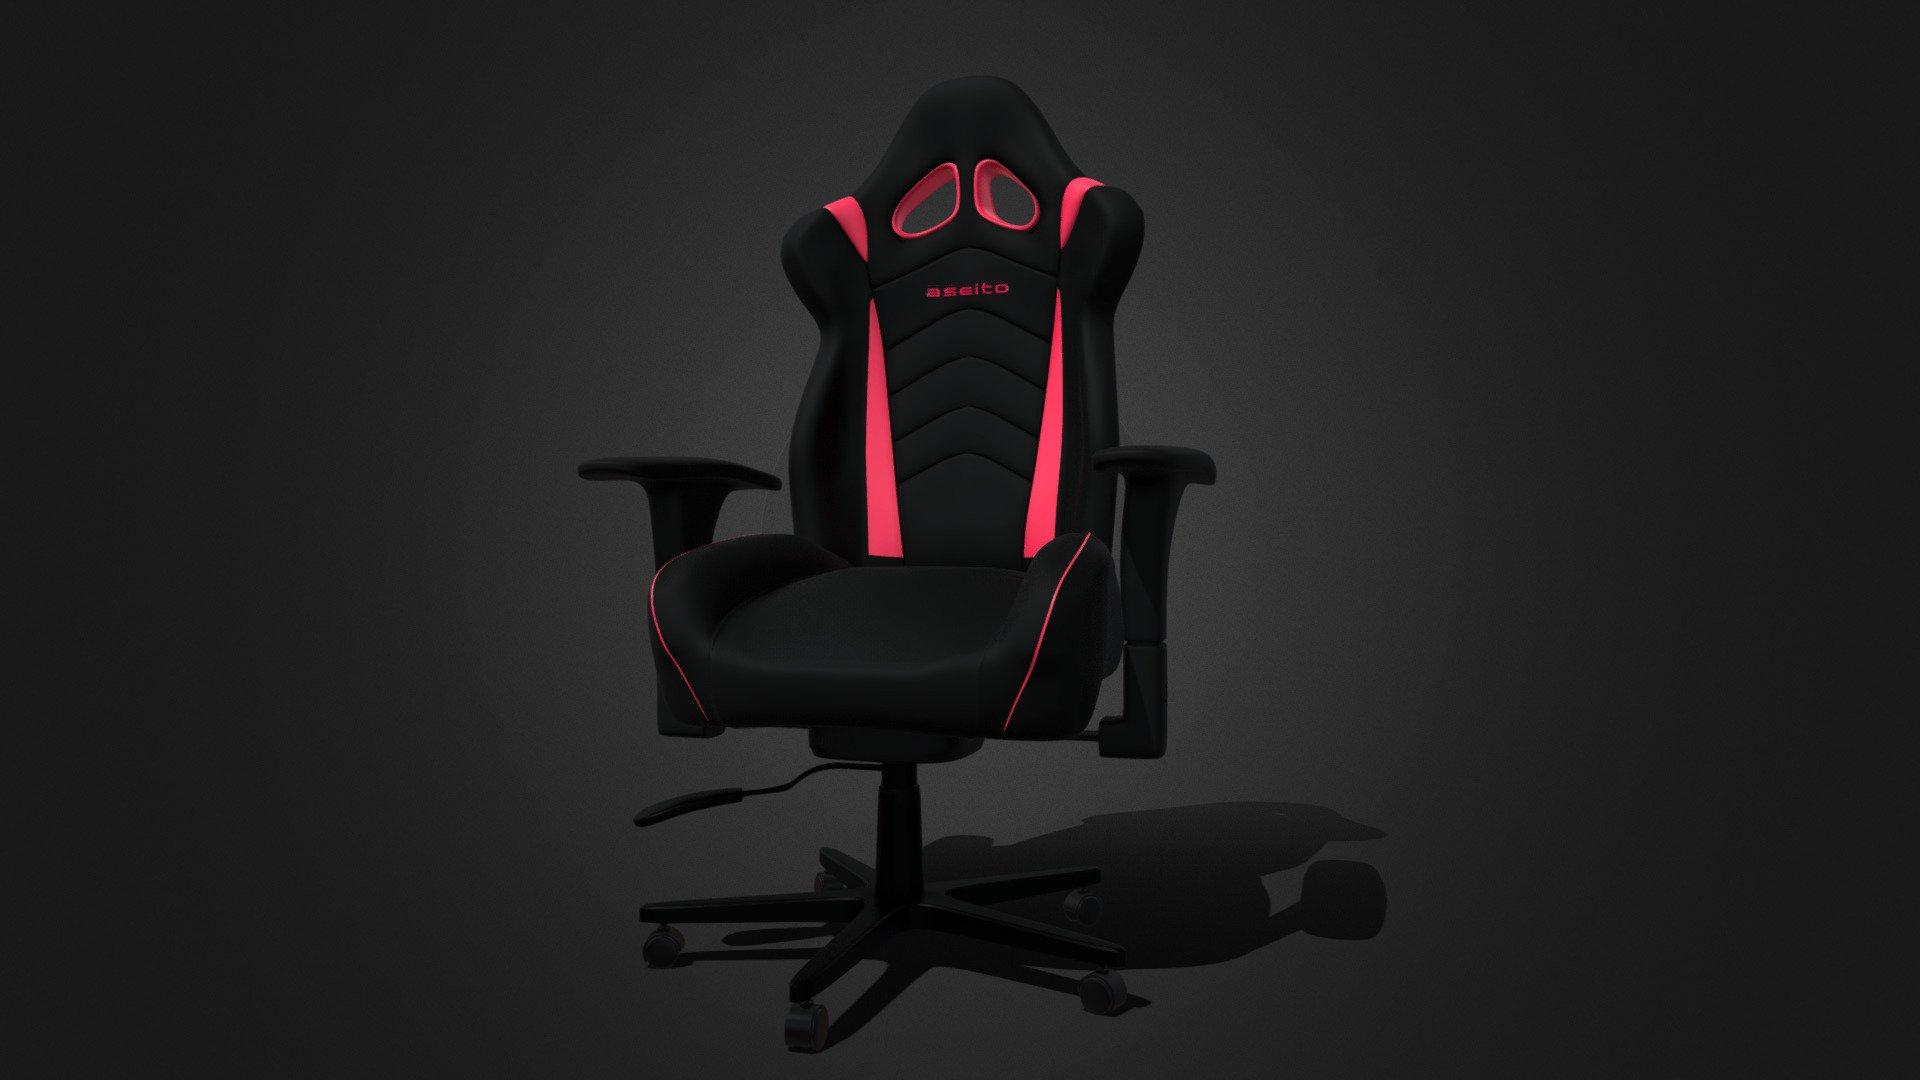 Gaming Chair [FREE DOWNLOAD] - Download Free 3D model by Karlos (@Karldashian) [bcb13eb] - Sketchfab